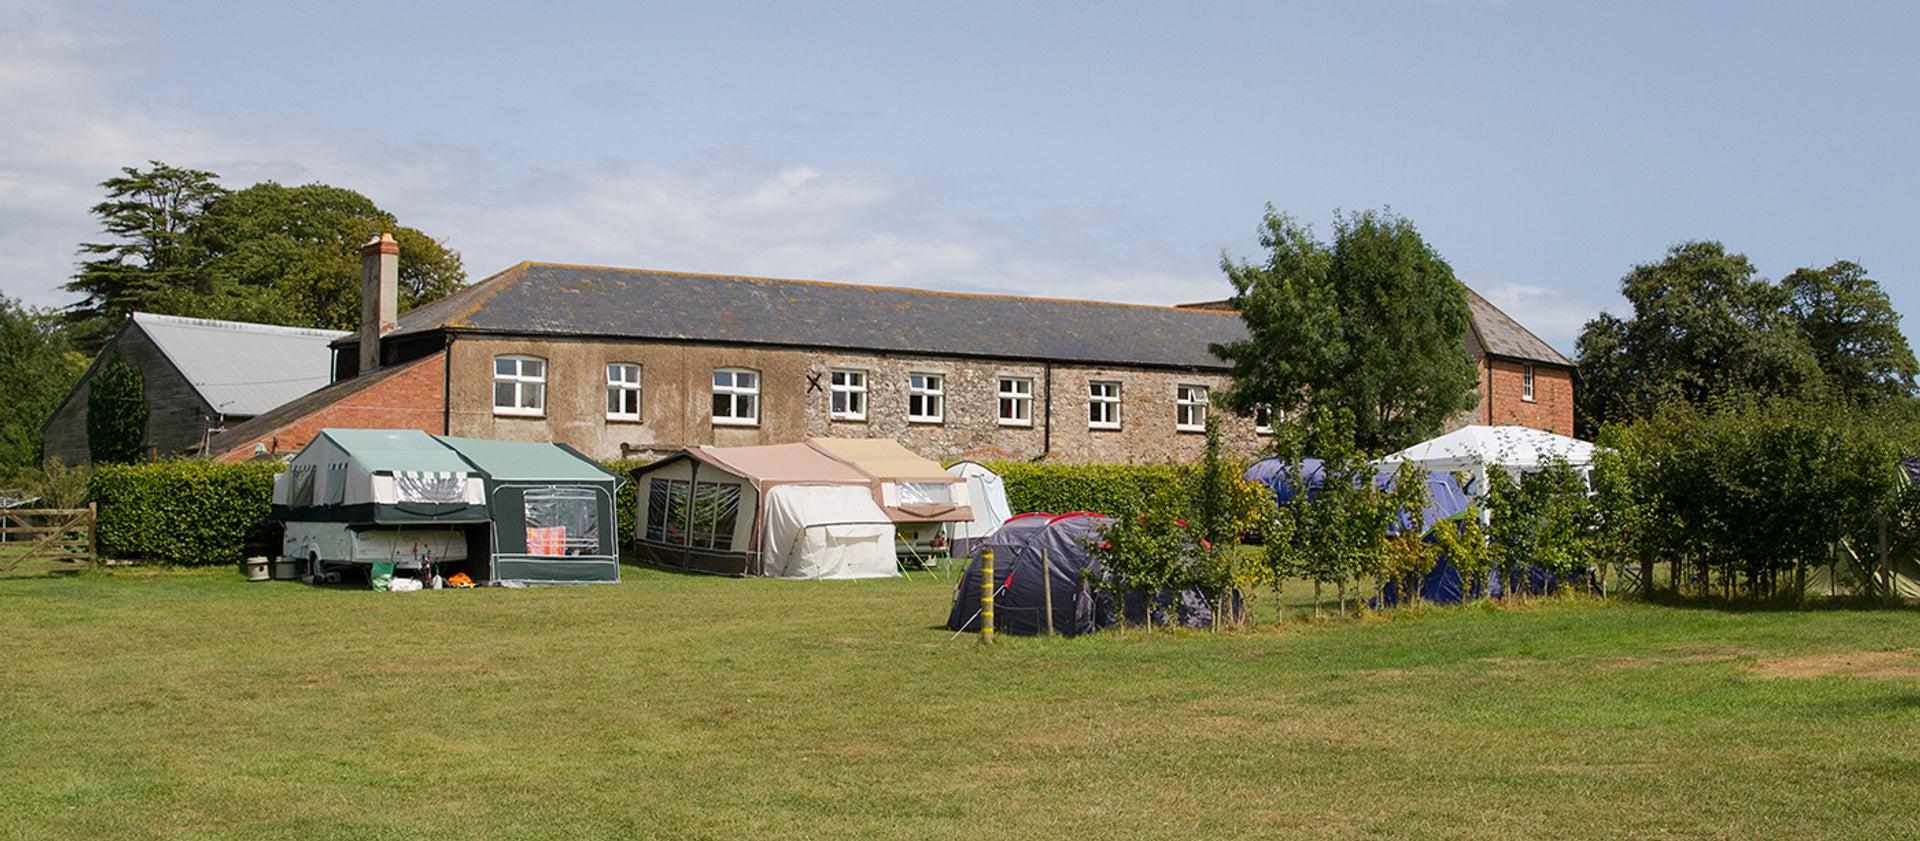 Campsites in Devon holidays at I Love This Campsite